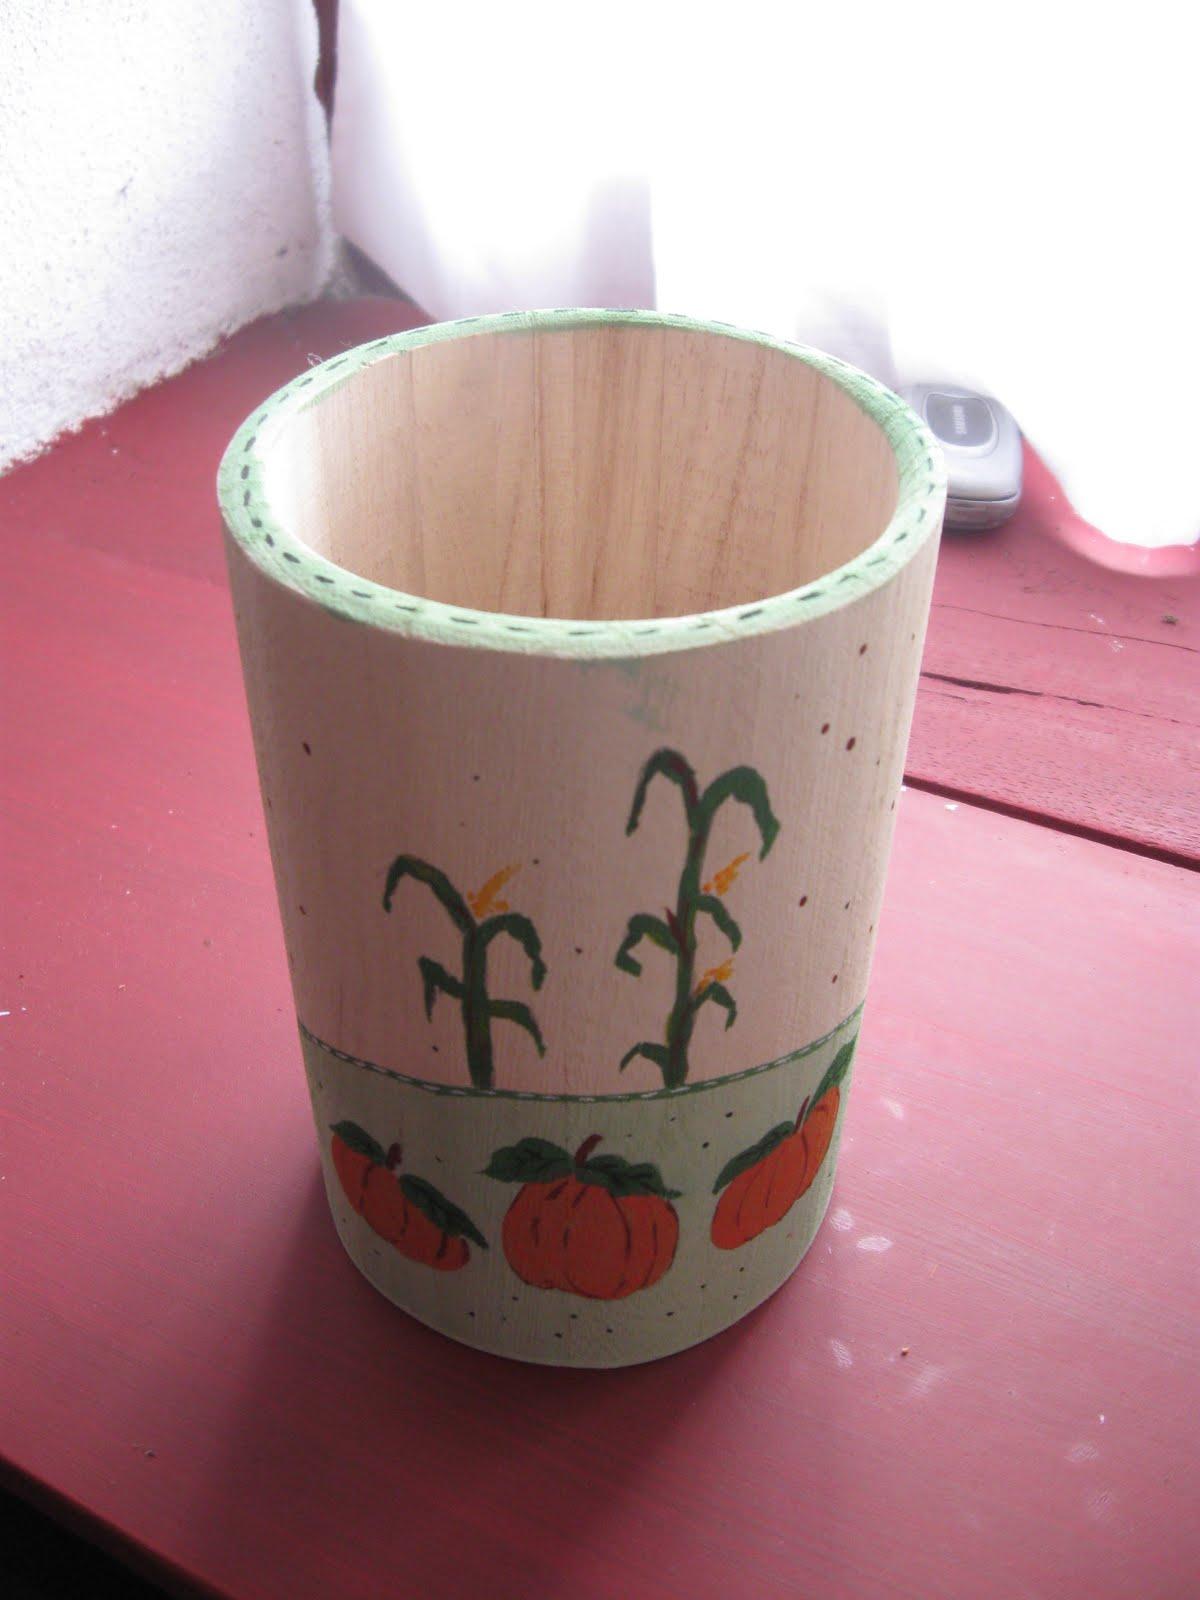 Il legno si fa bello oggetti per cucina for Oggetti decorativi per cucina